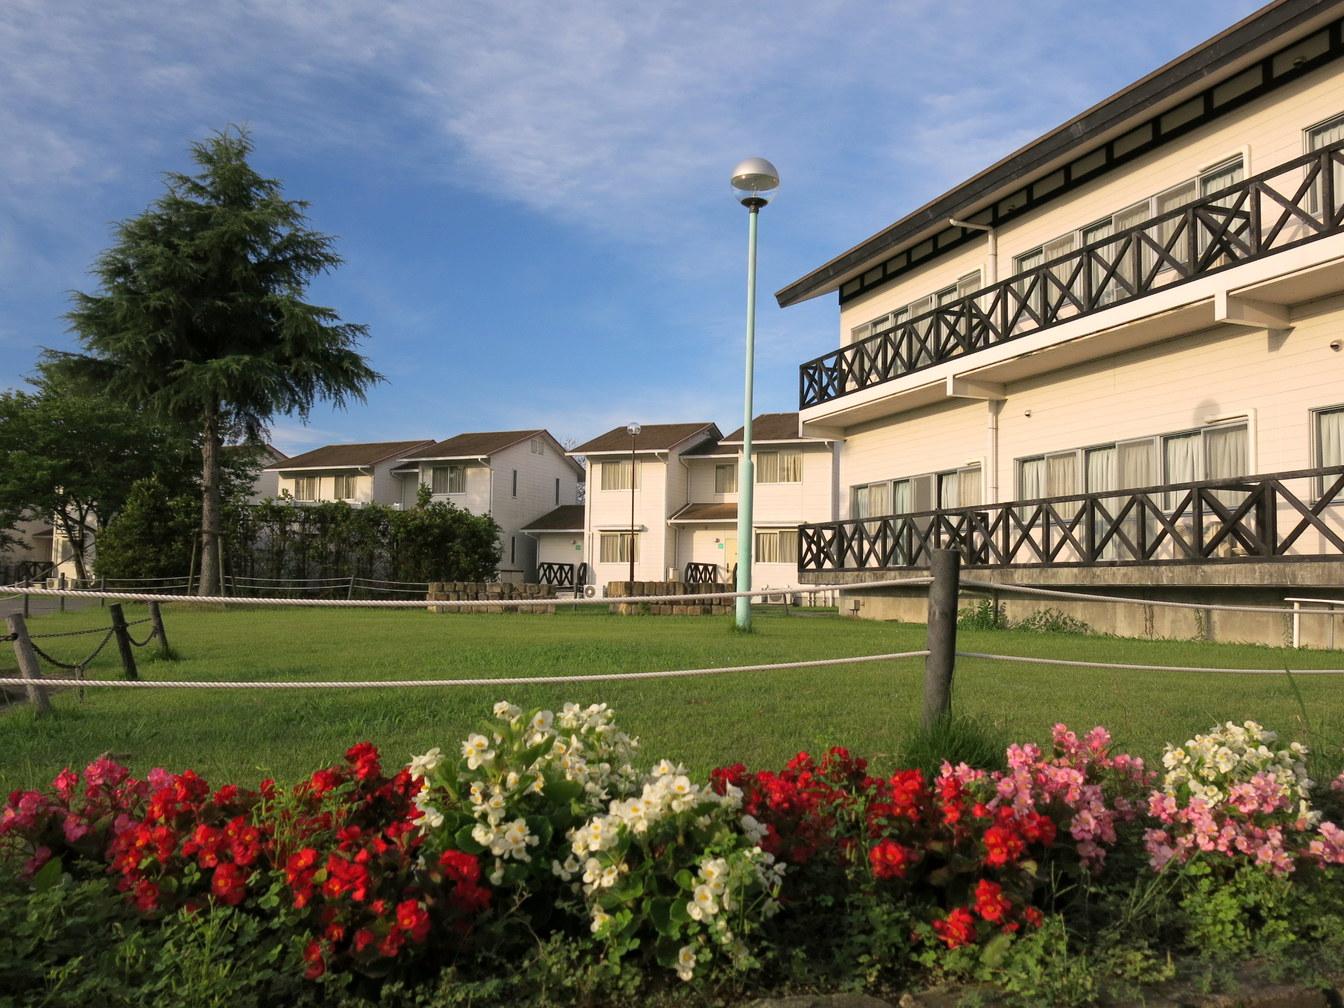 青野運動公苑アオノスポーツホテル